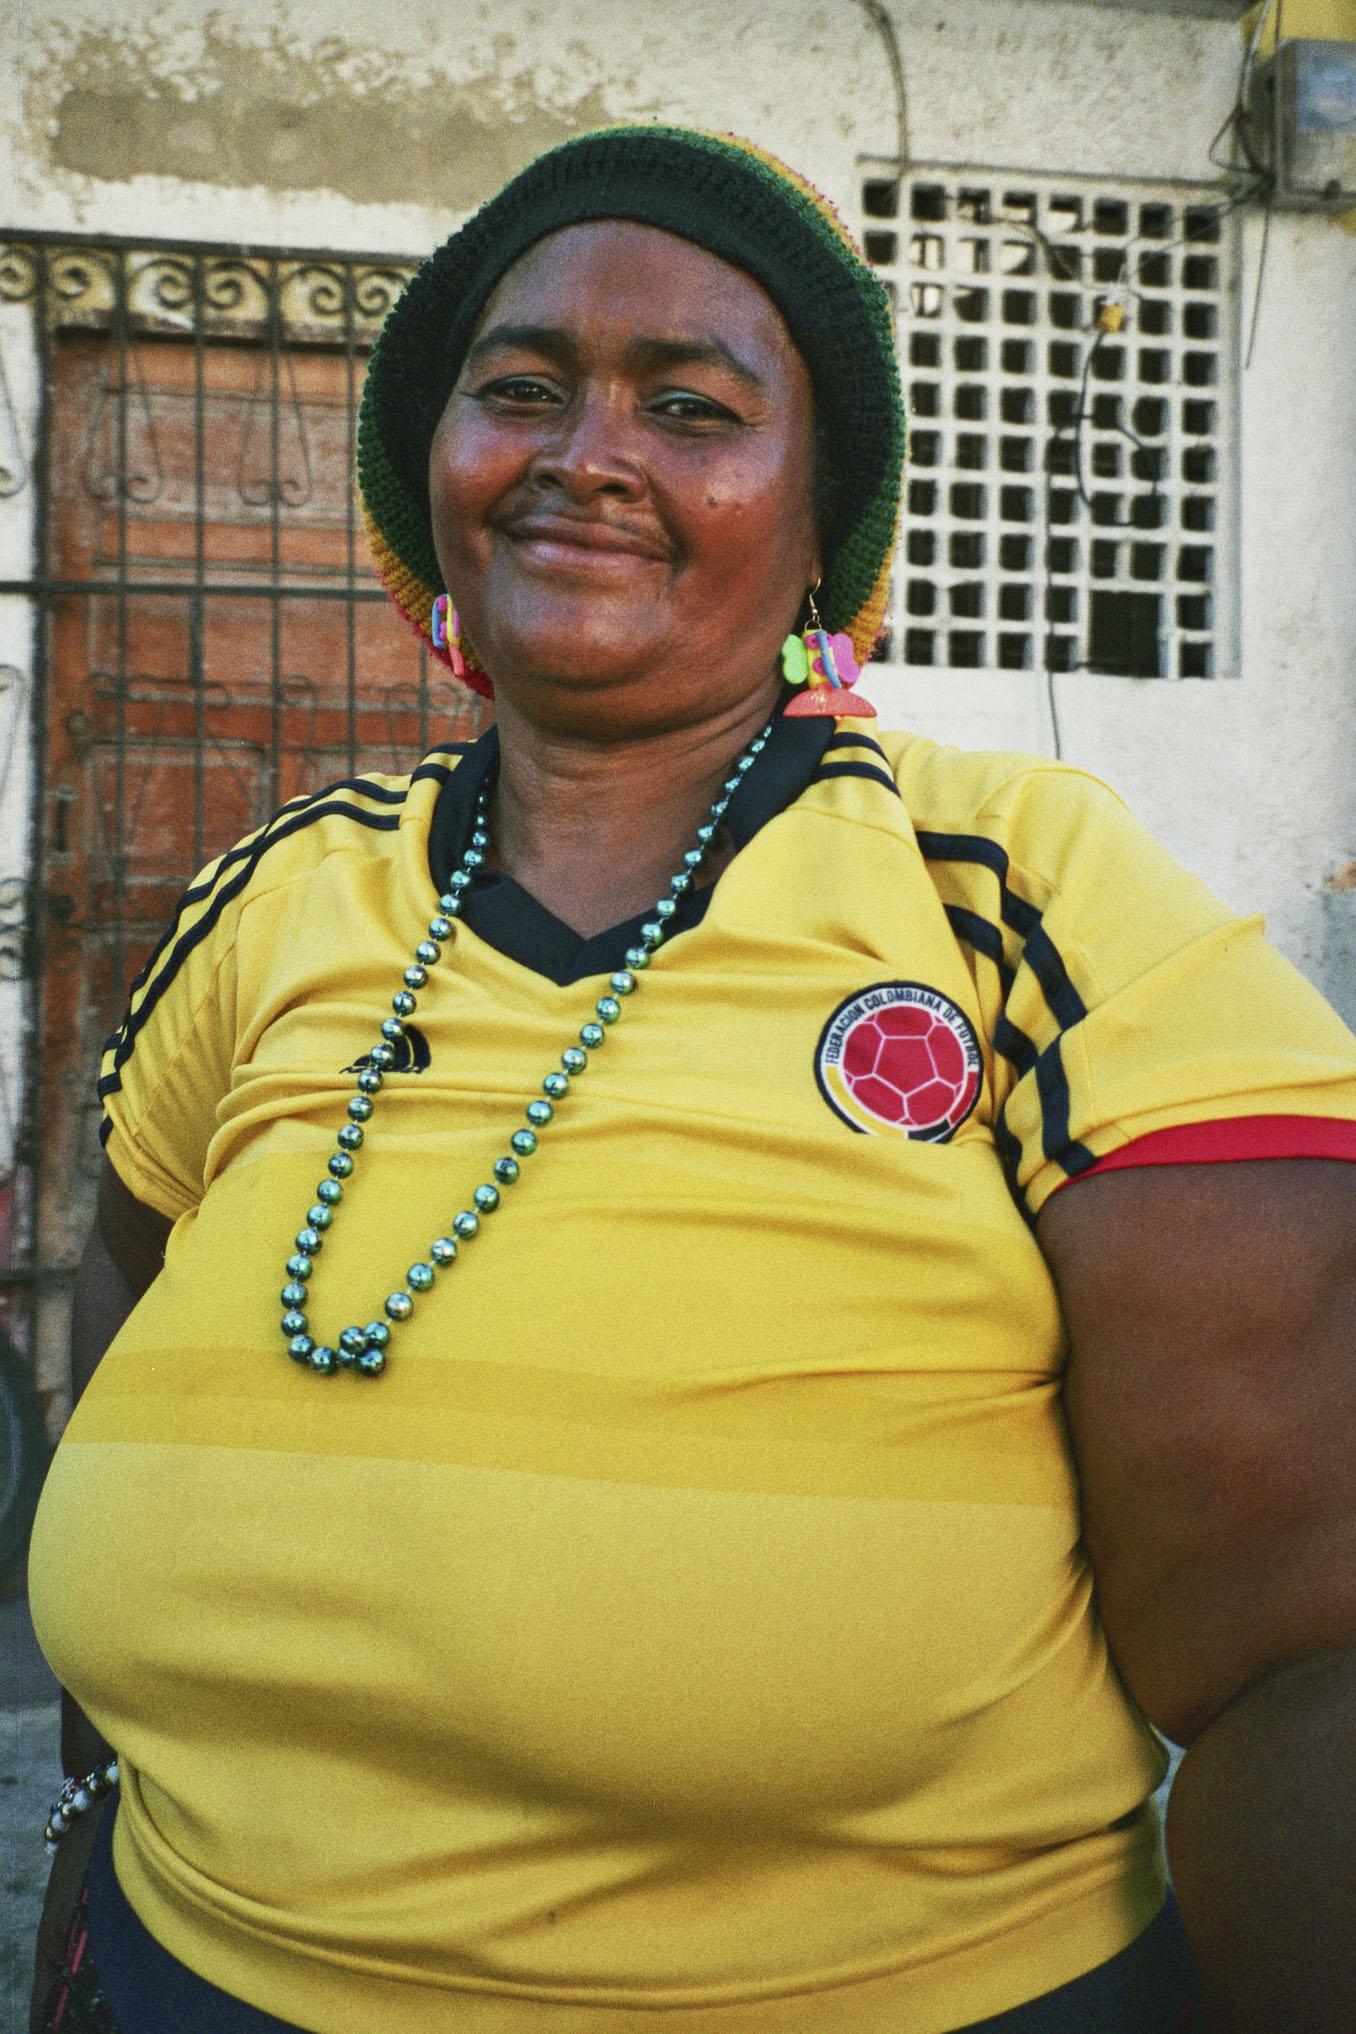 El Carnaval De Barranquilla by Stefy Pocket 3